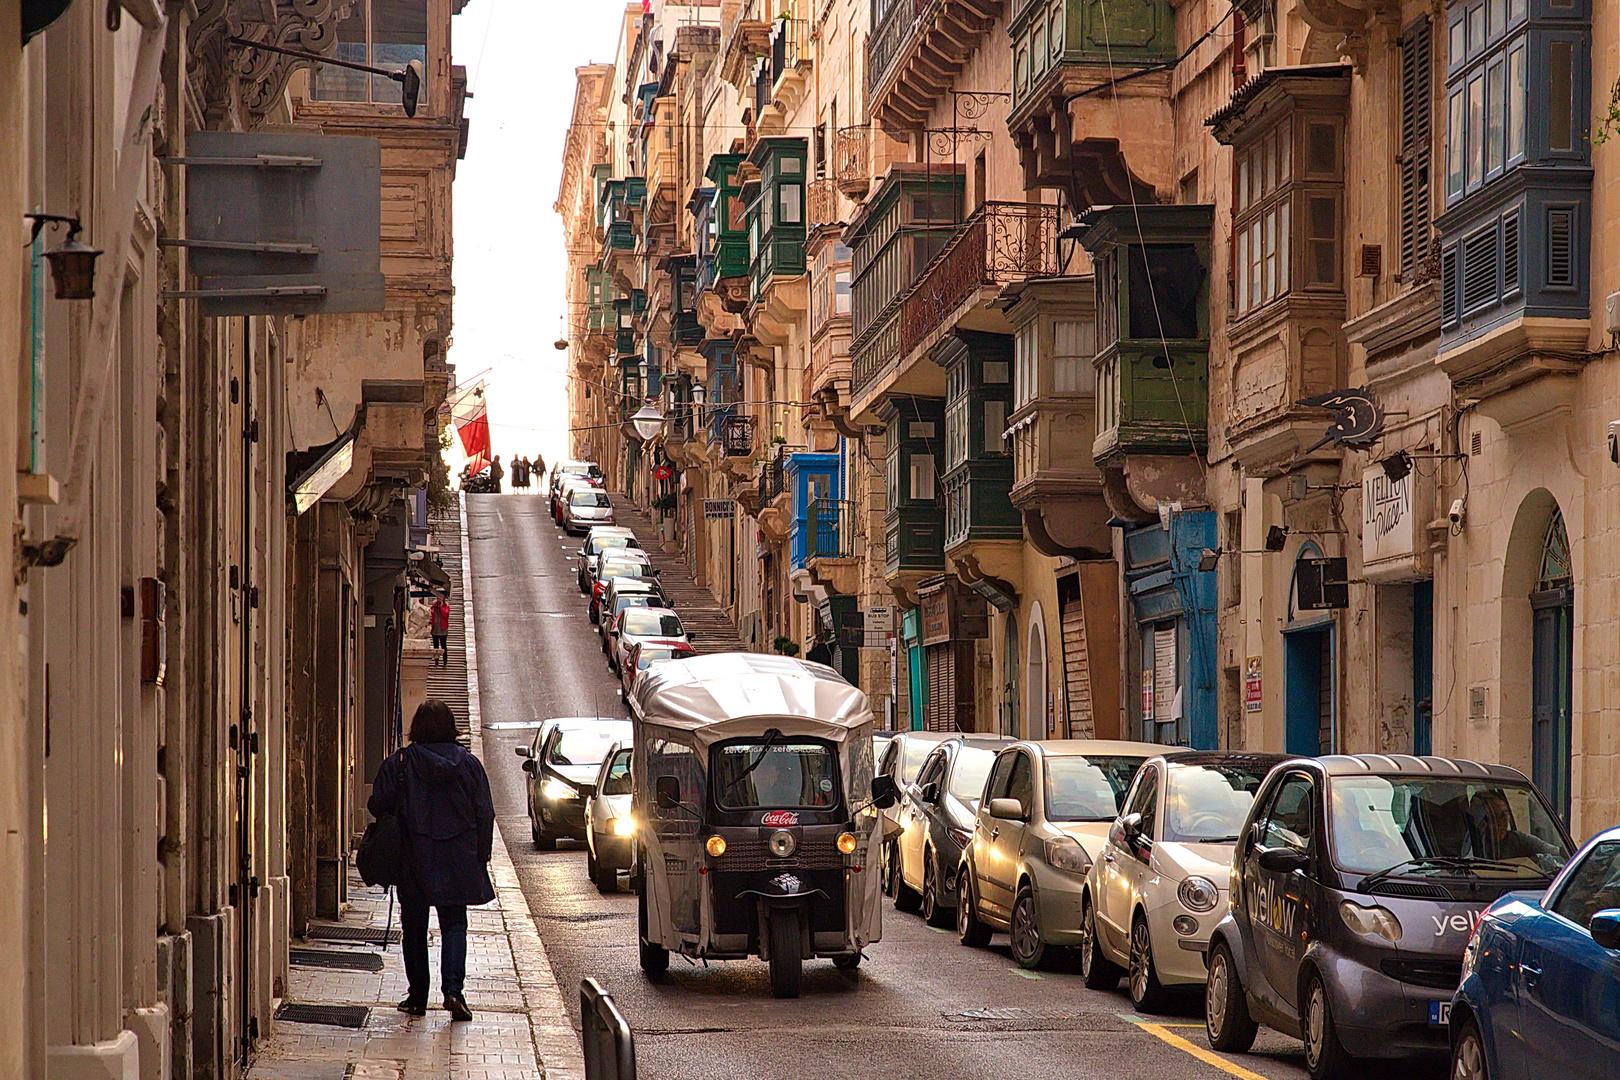 Vallettas enge aber einladende Gassen